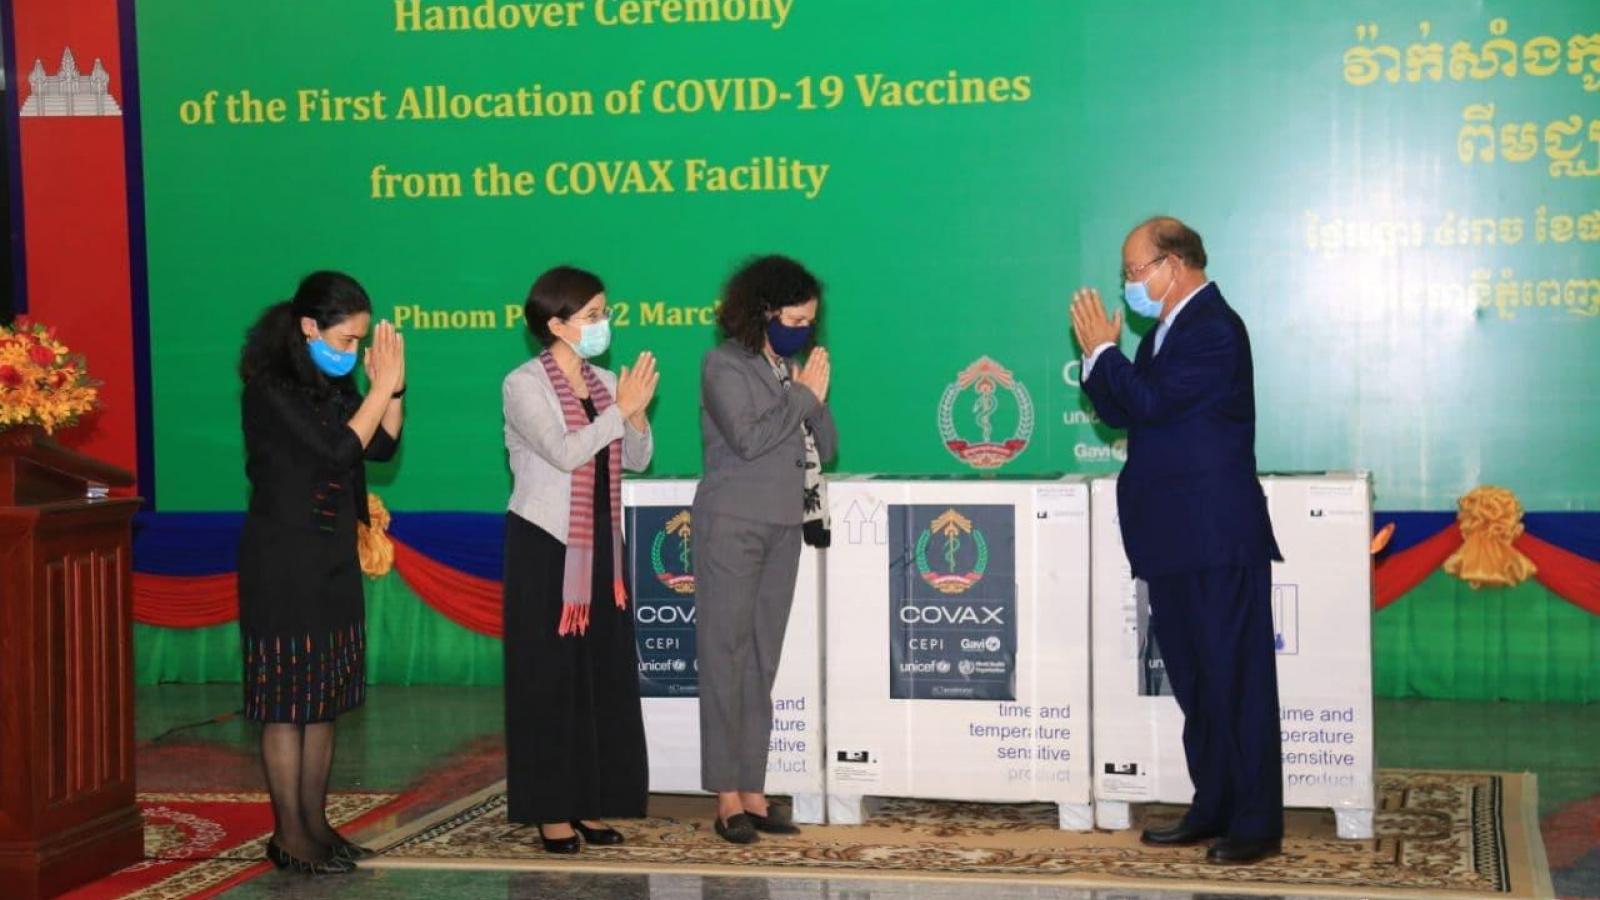 Campuchia tiếp nhận lôvaccine Covid-19 đầu tiên theo cơ chế COVAX